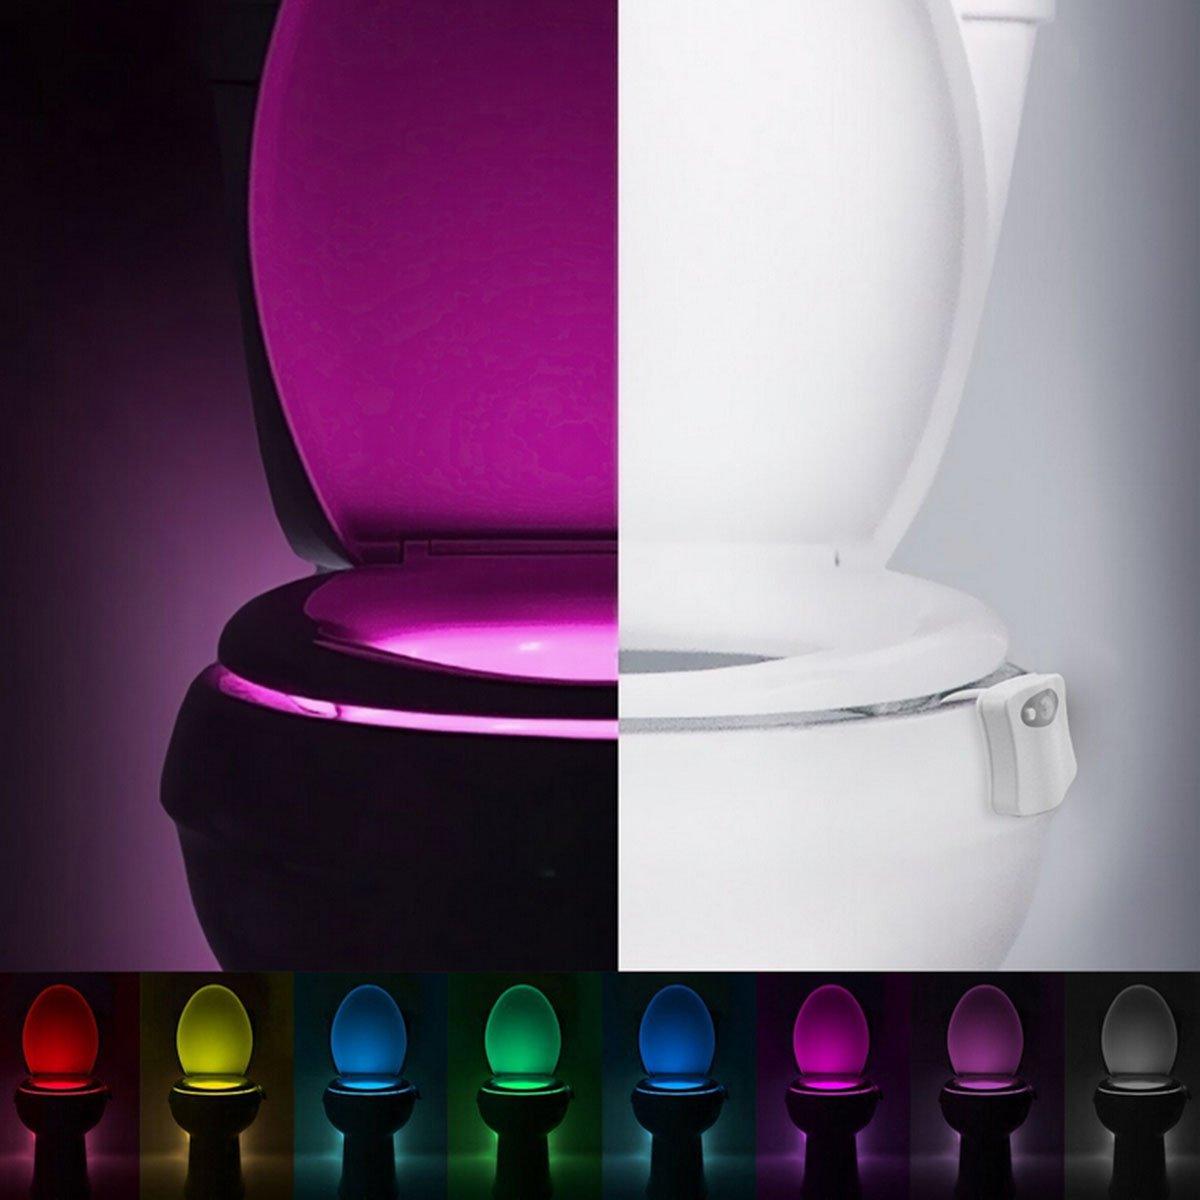 Butterme Toilet Night Light, capteur de mouvement activé LED éclairage de toilette, LED Toilette Bowl Light, Home Bathroom Toilette assis Lumière Night Lamp 8-Color Changes ZUMUii ZUMU00004574